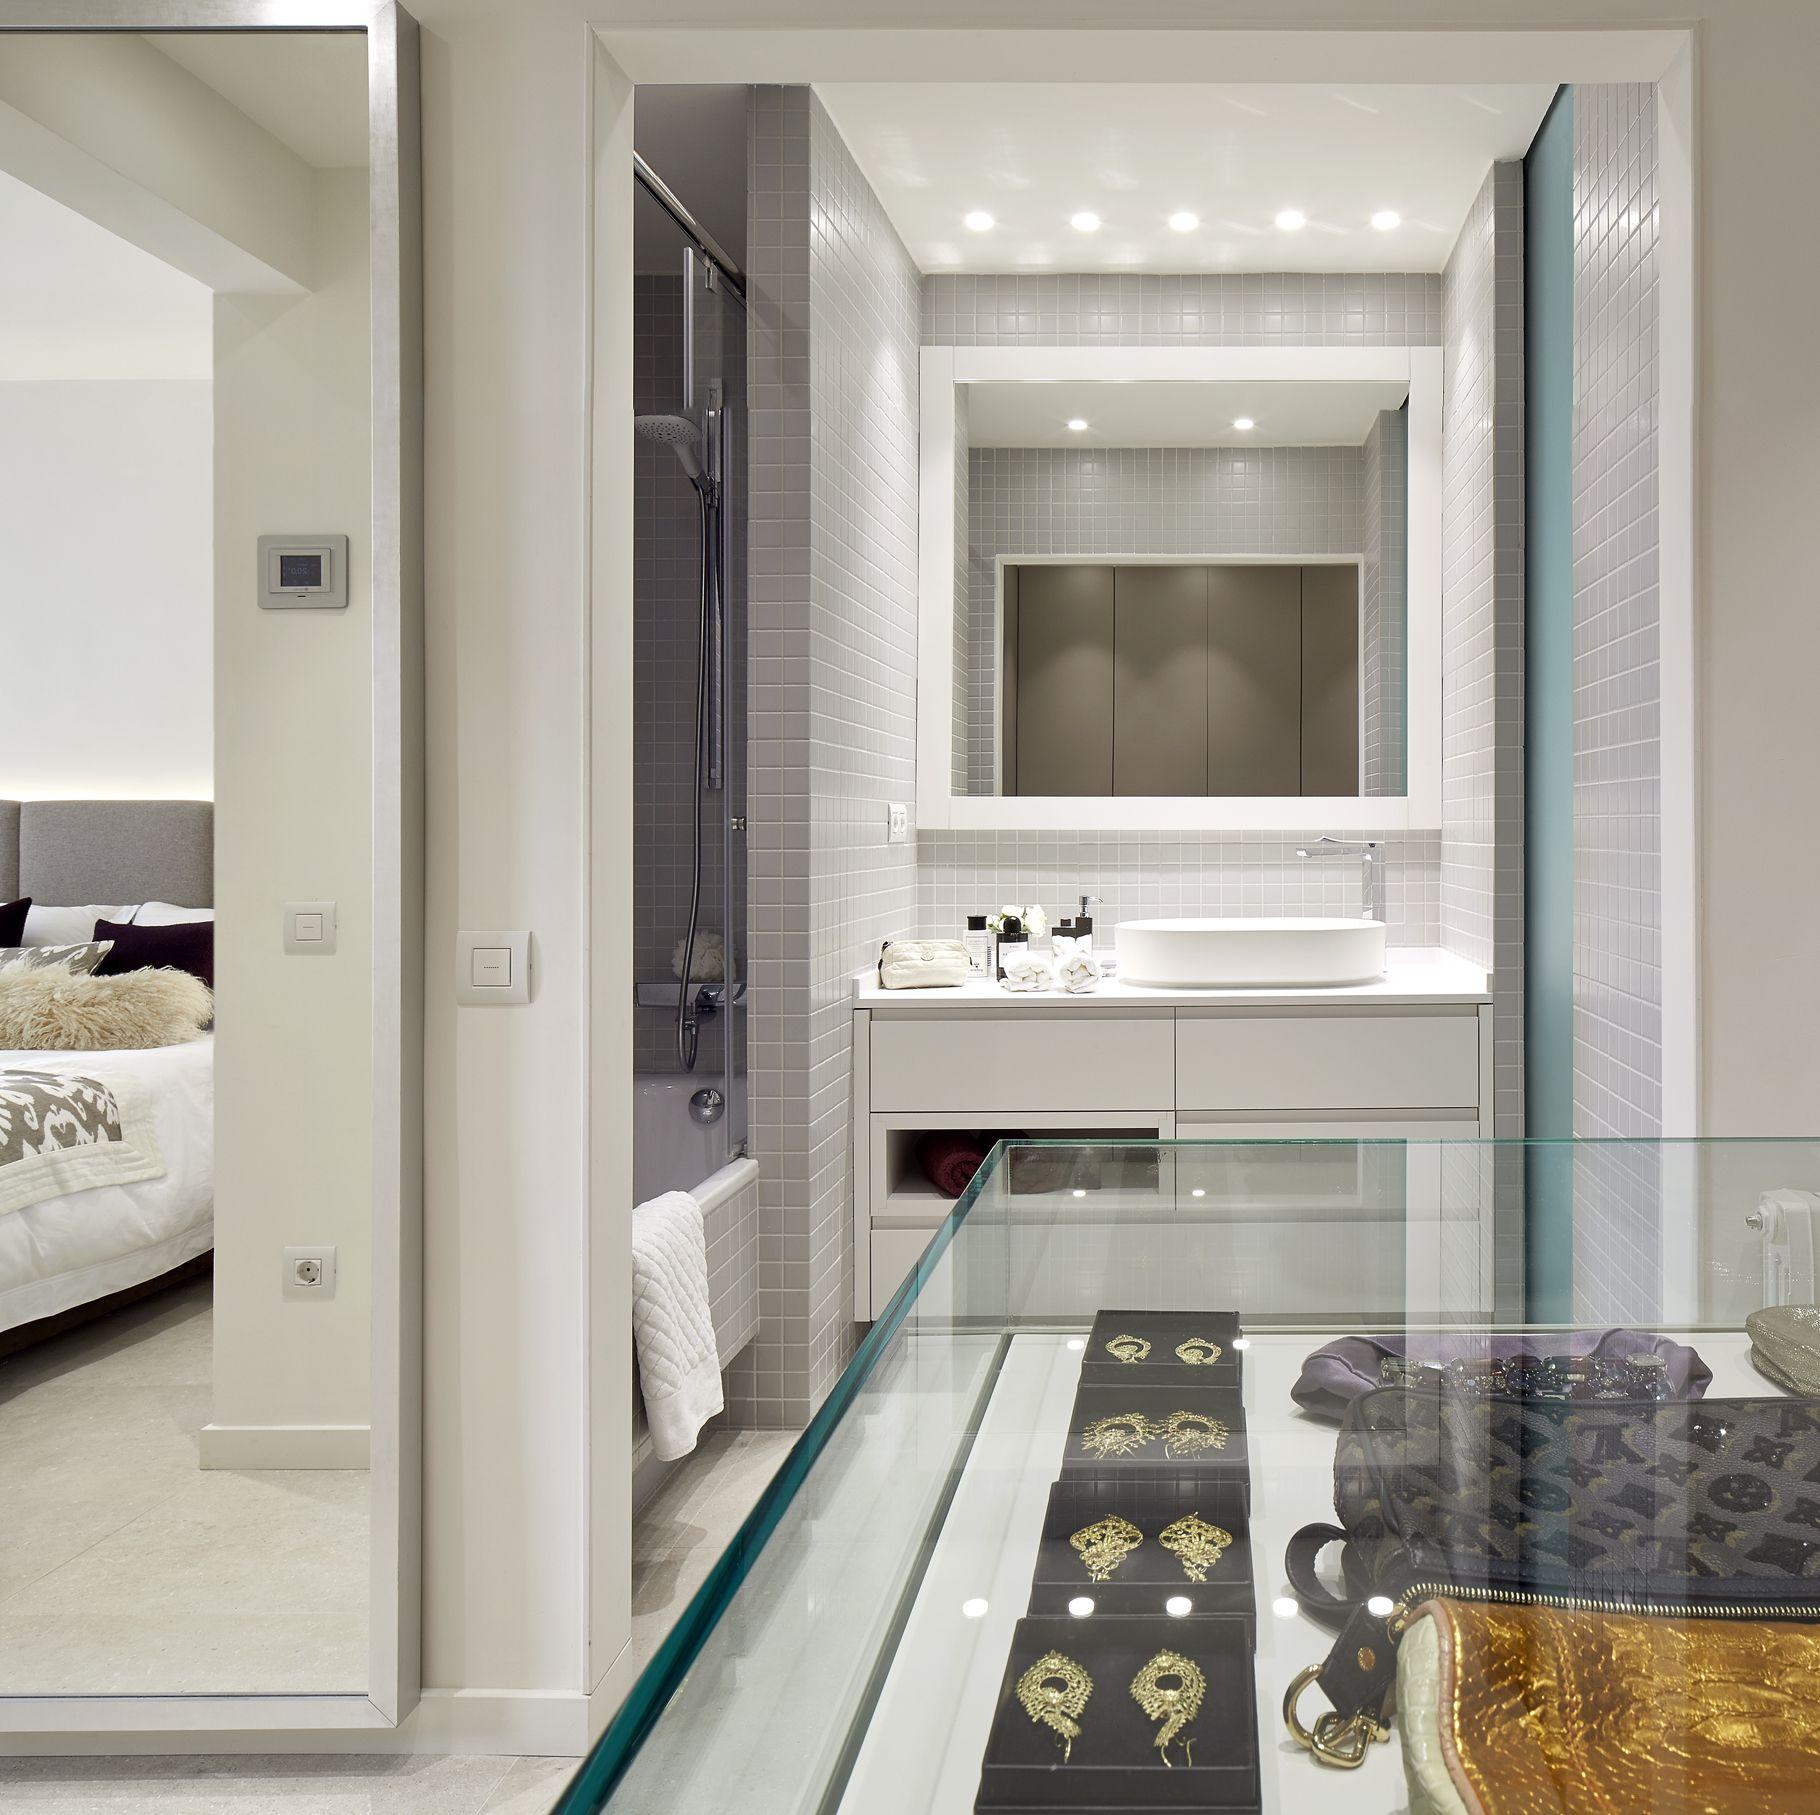 Molins interiors arquitectura interior interiorismo - Decoracion de dormitorio principal ...